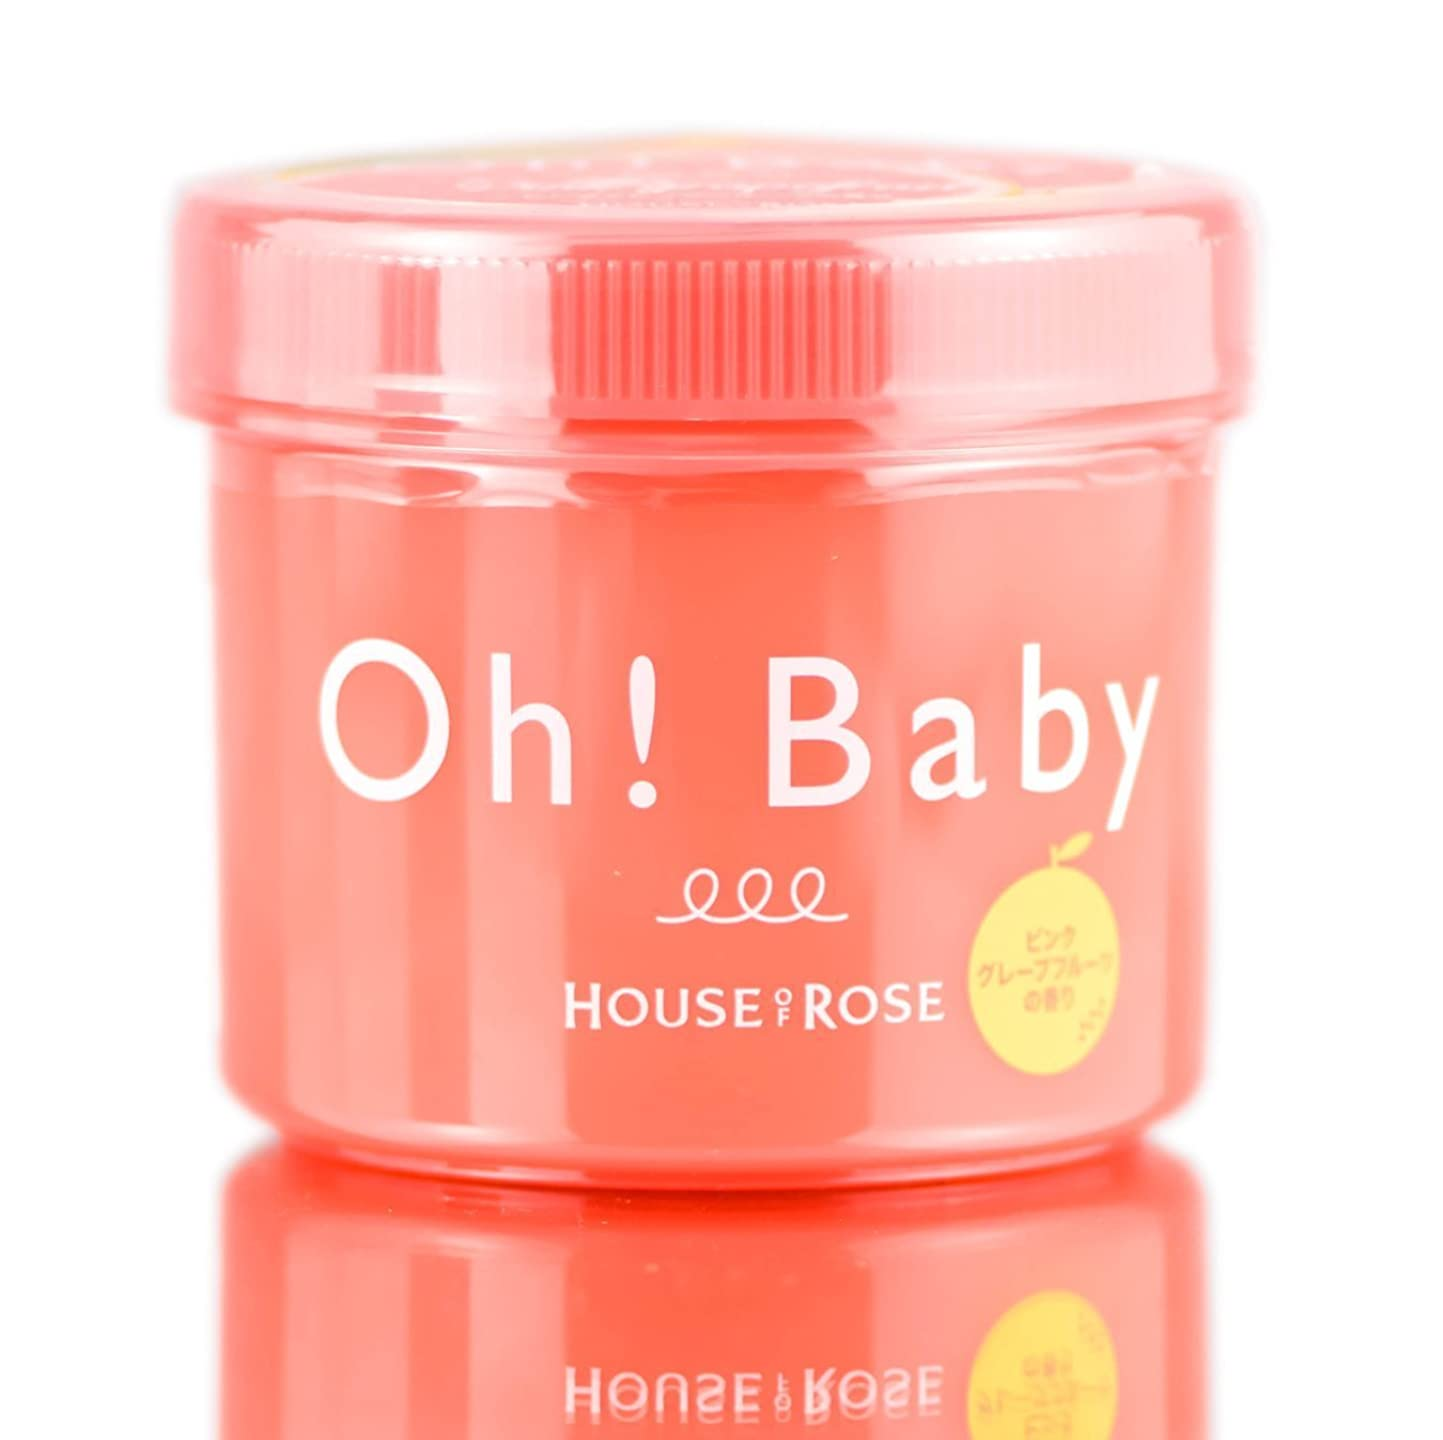 一人でチキン瞑想する【期間限定】HOUSE OF ROSE ハウス オブ ローゼ Oh! Baby ボディ スムーザー PGF (ピンクグレープフルーツの香り) 350g